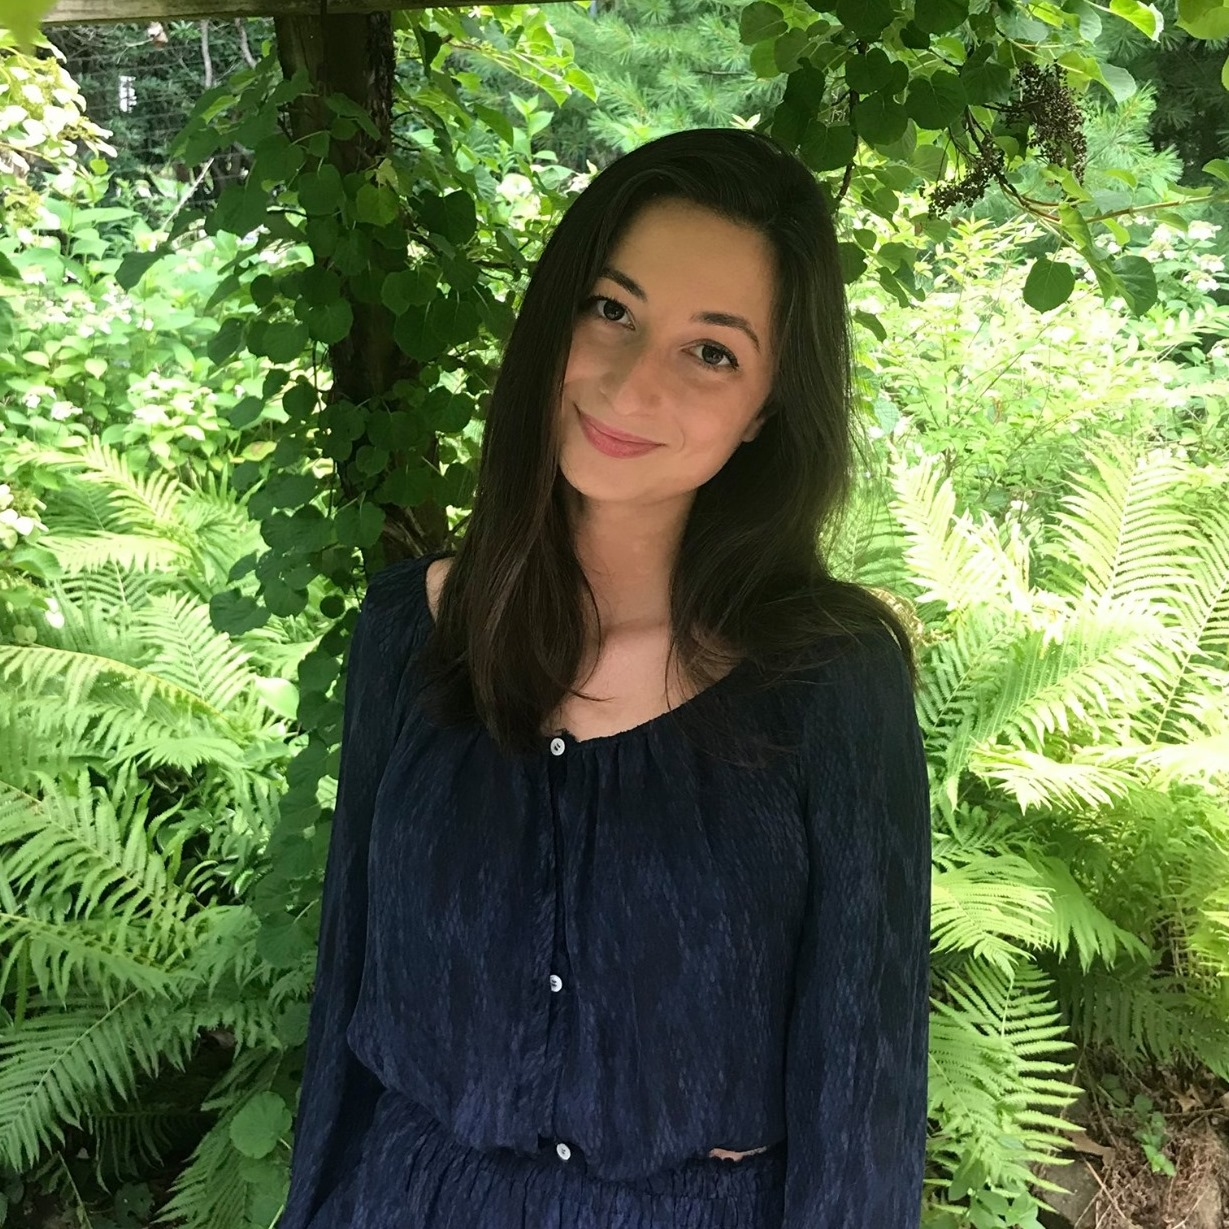 Lily Baron